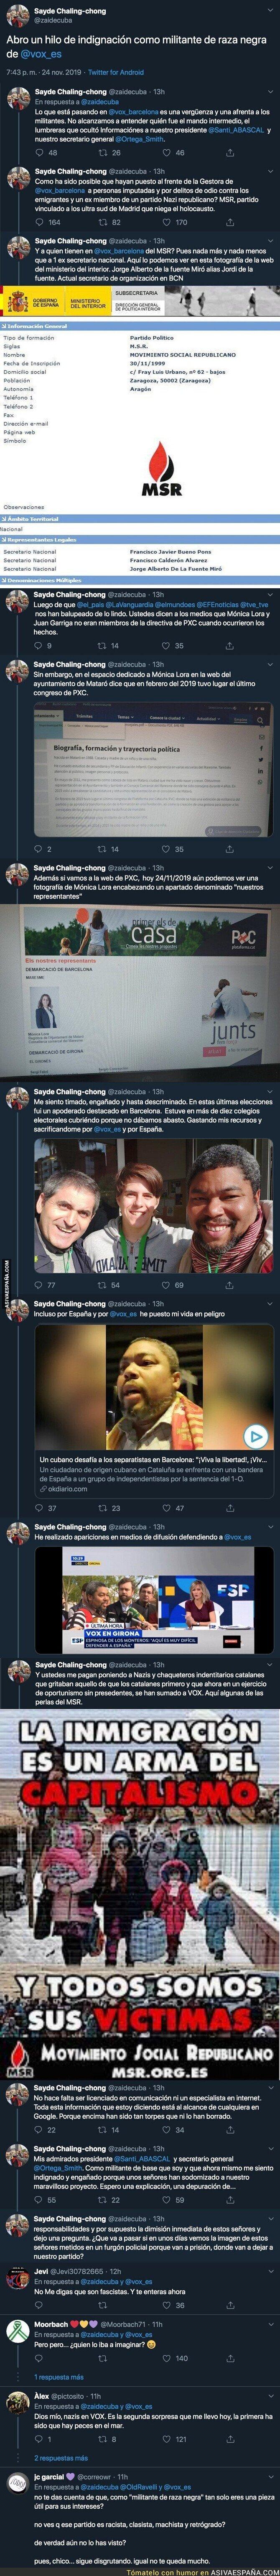 128191 - Militante de VOX muy conocido de raza negra descubre que en VOX son unos racistas y explica su situación en Twitter